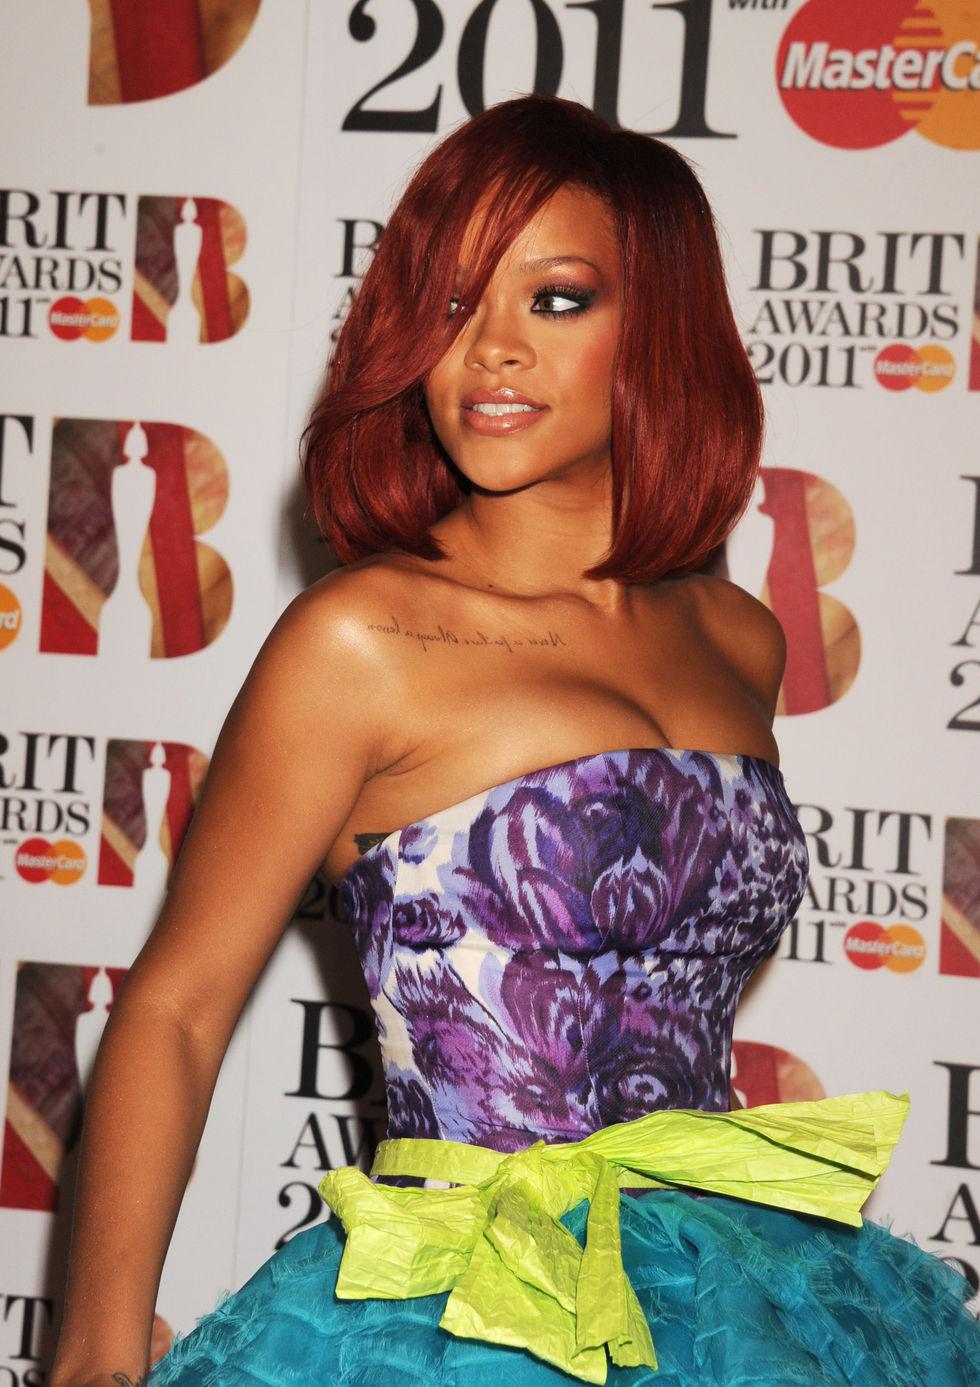 rihanna-2011-brit-awards-in-london-04